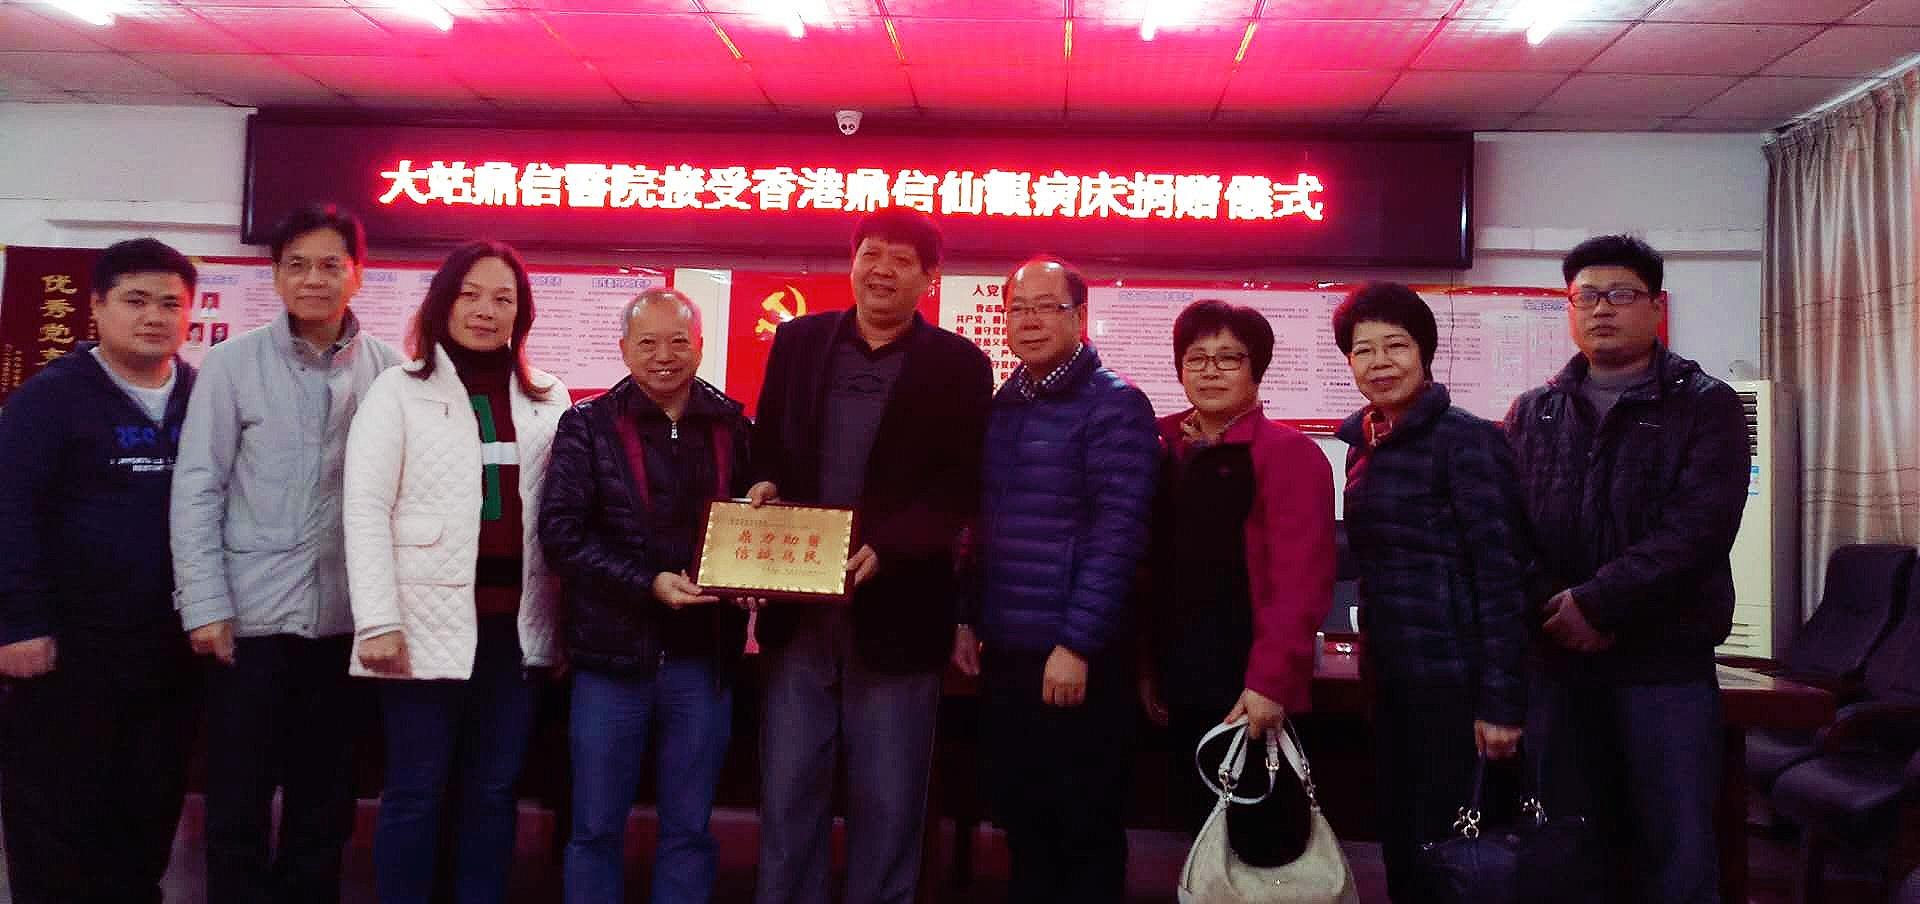 探訪大站鼎信醫院舉行捐贈病床儀式10.jpg